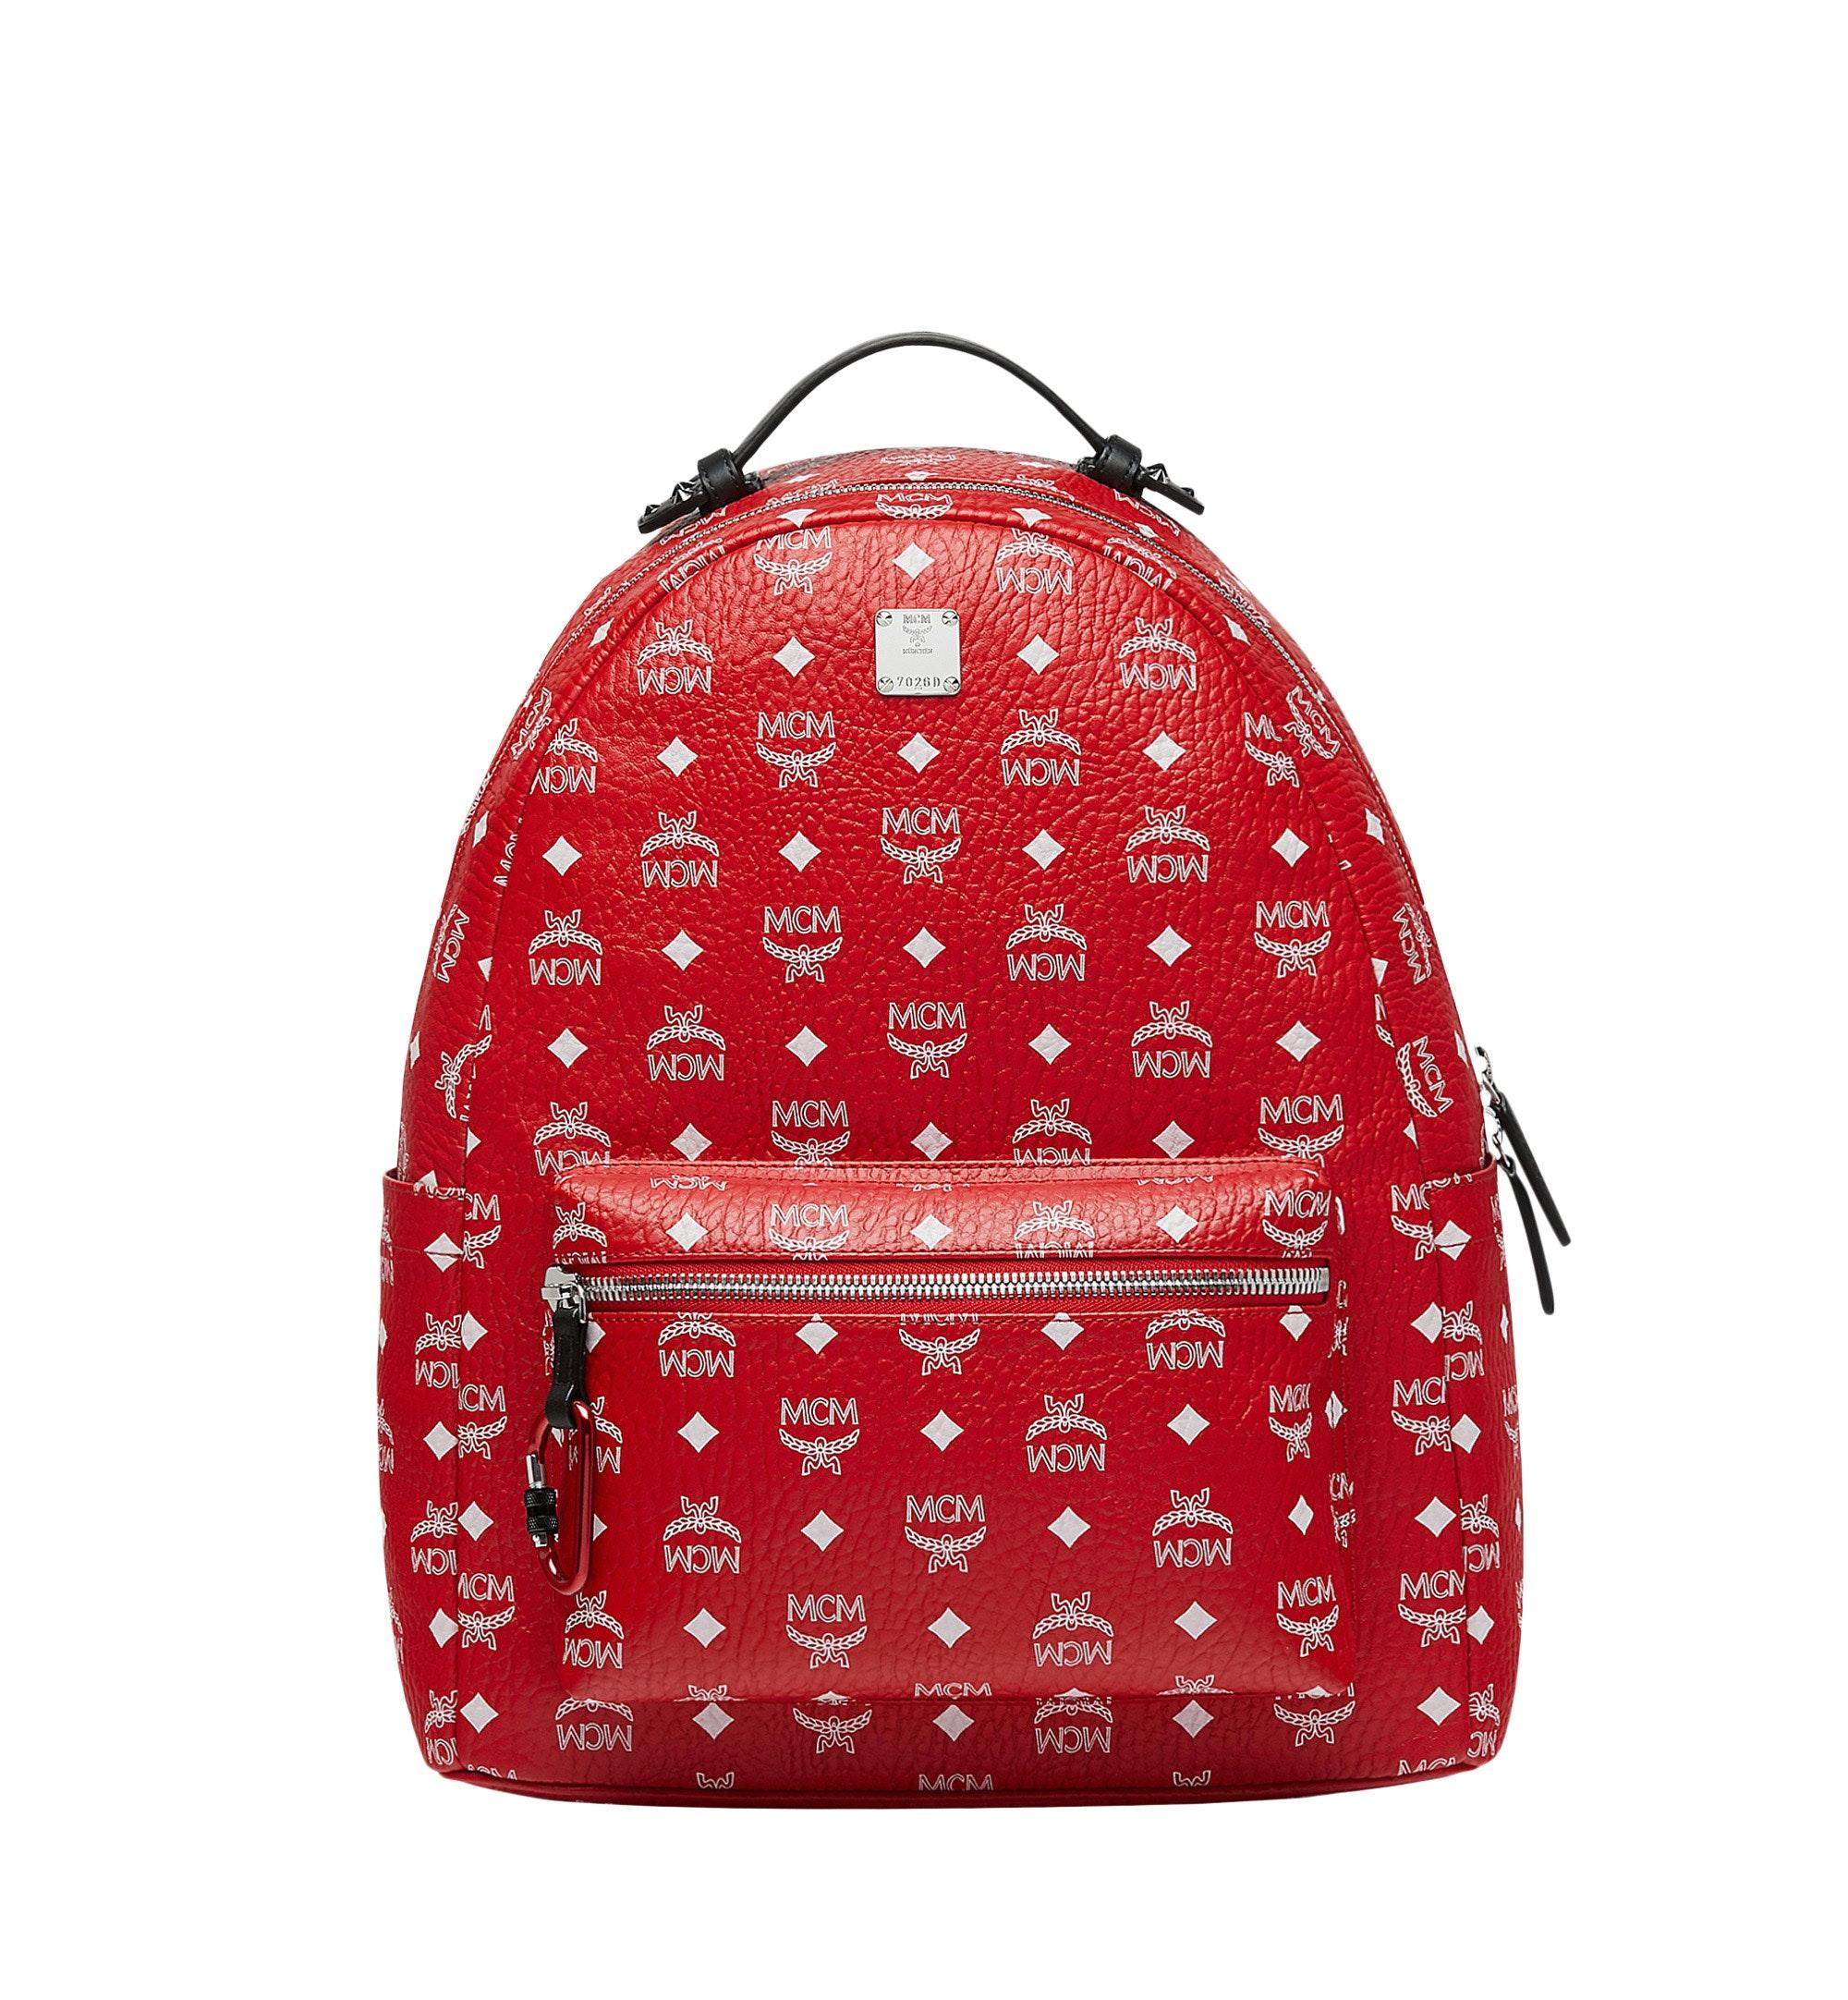 MCM Stark Backpack White Visetos Viva Red